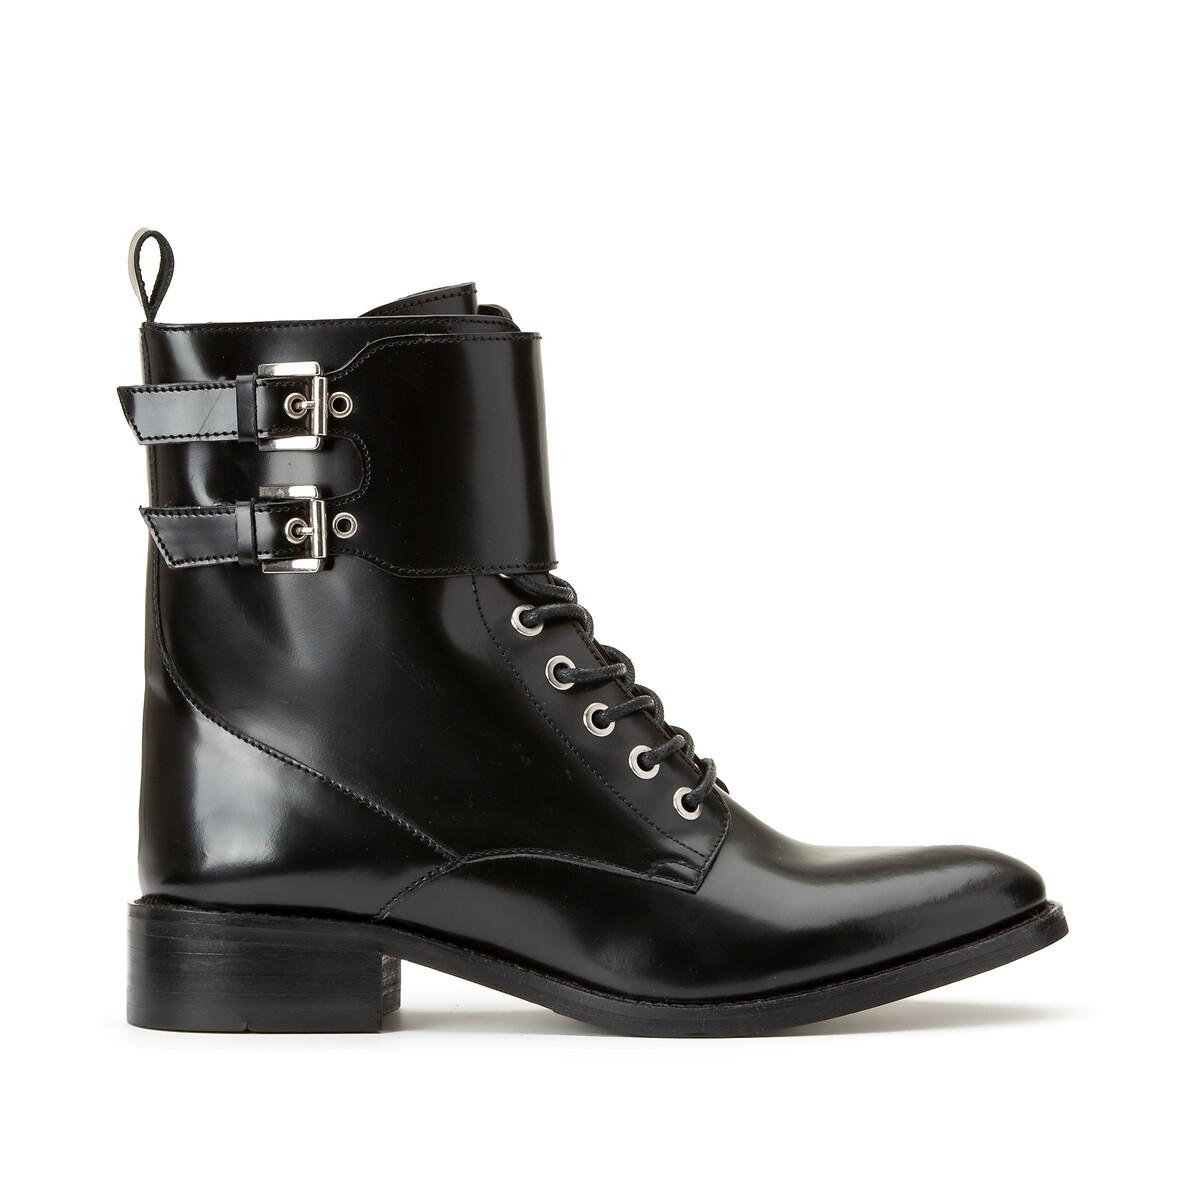 Кожаные LaRedoute Ботинки на шнуровке 40 черный кеды laredoute кожаные на шнуровке v10 40 белый